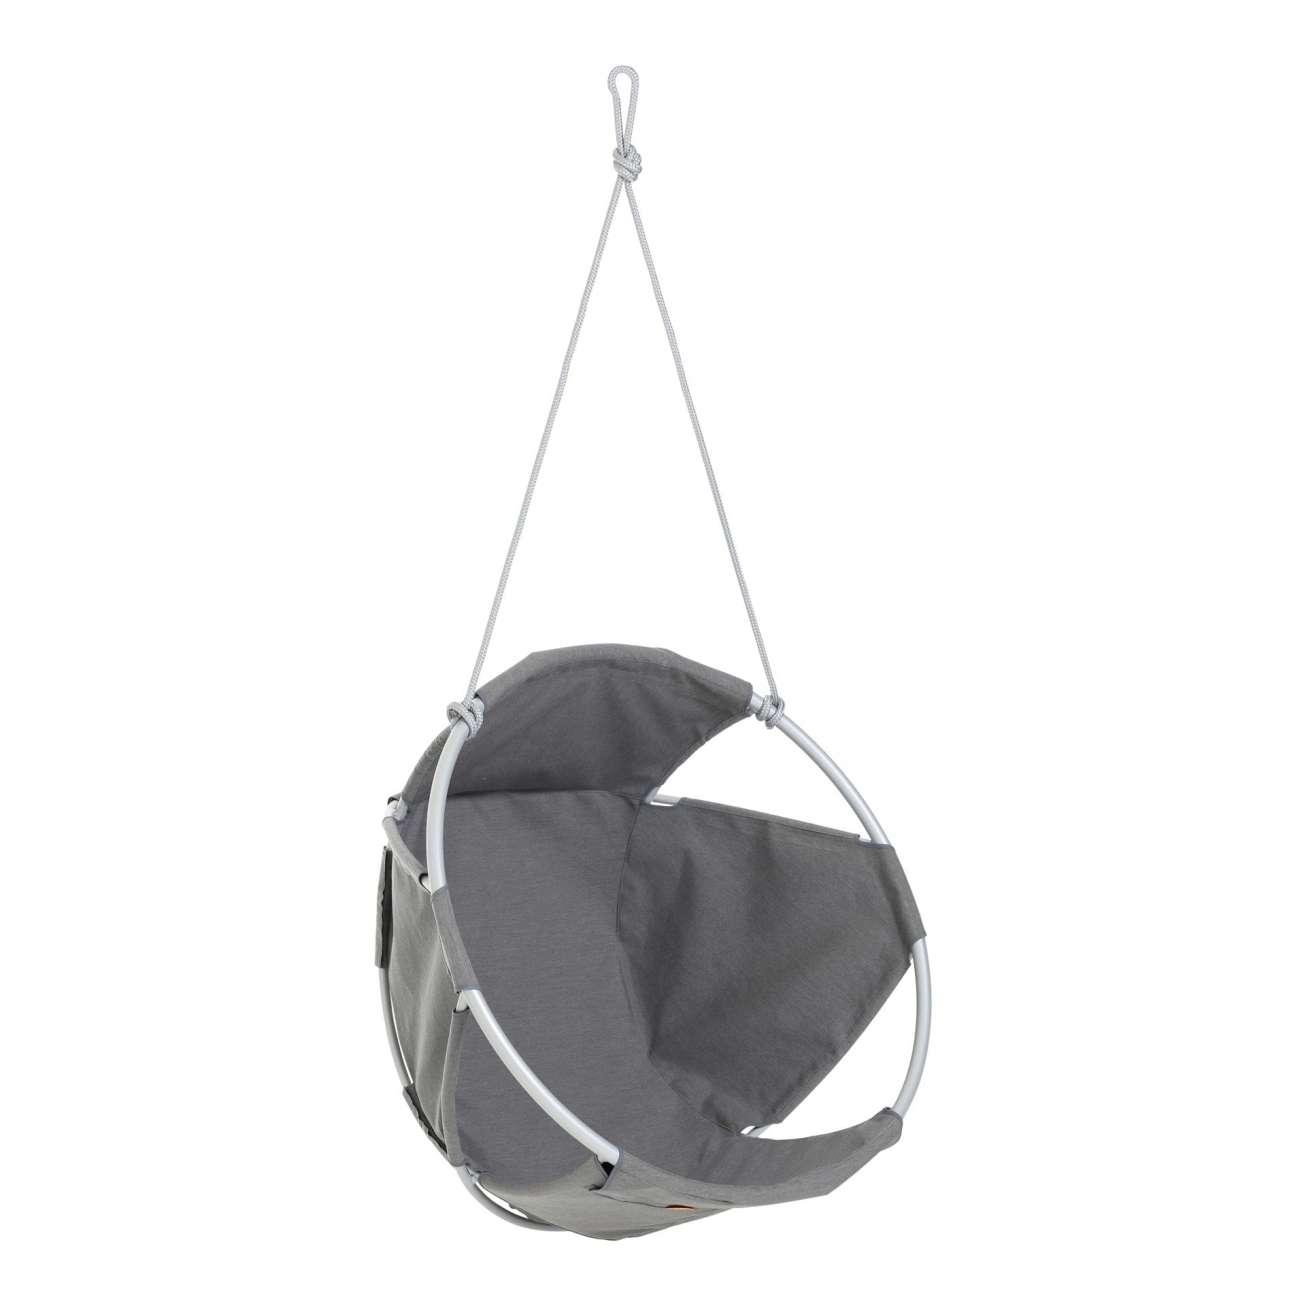 Trimm-1129-2_cocoon-hang-chair-grey2 Hagemøbler og utemøbler - Fine design